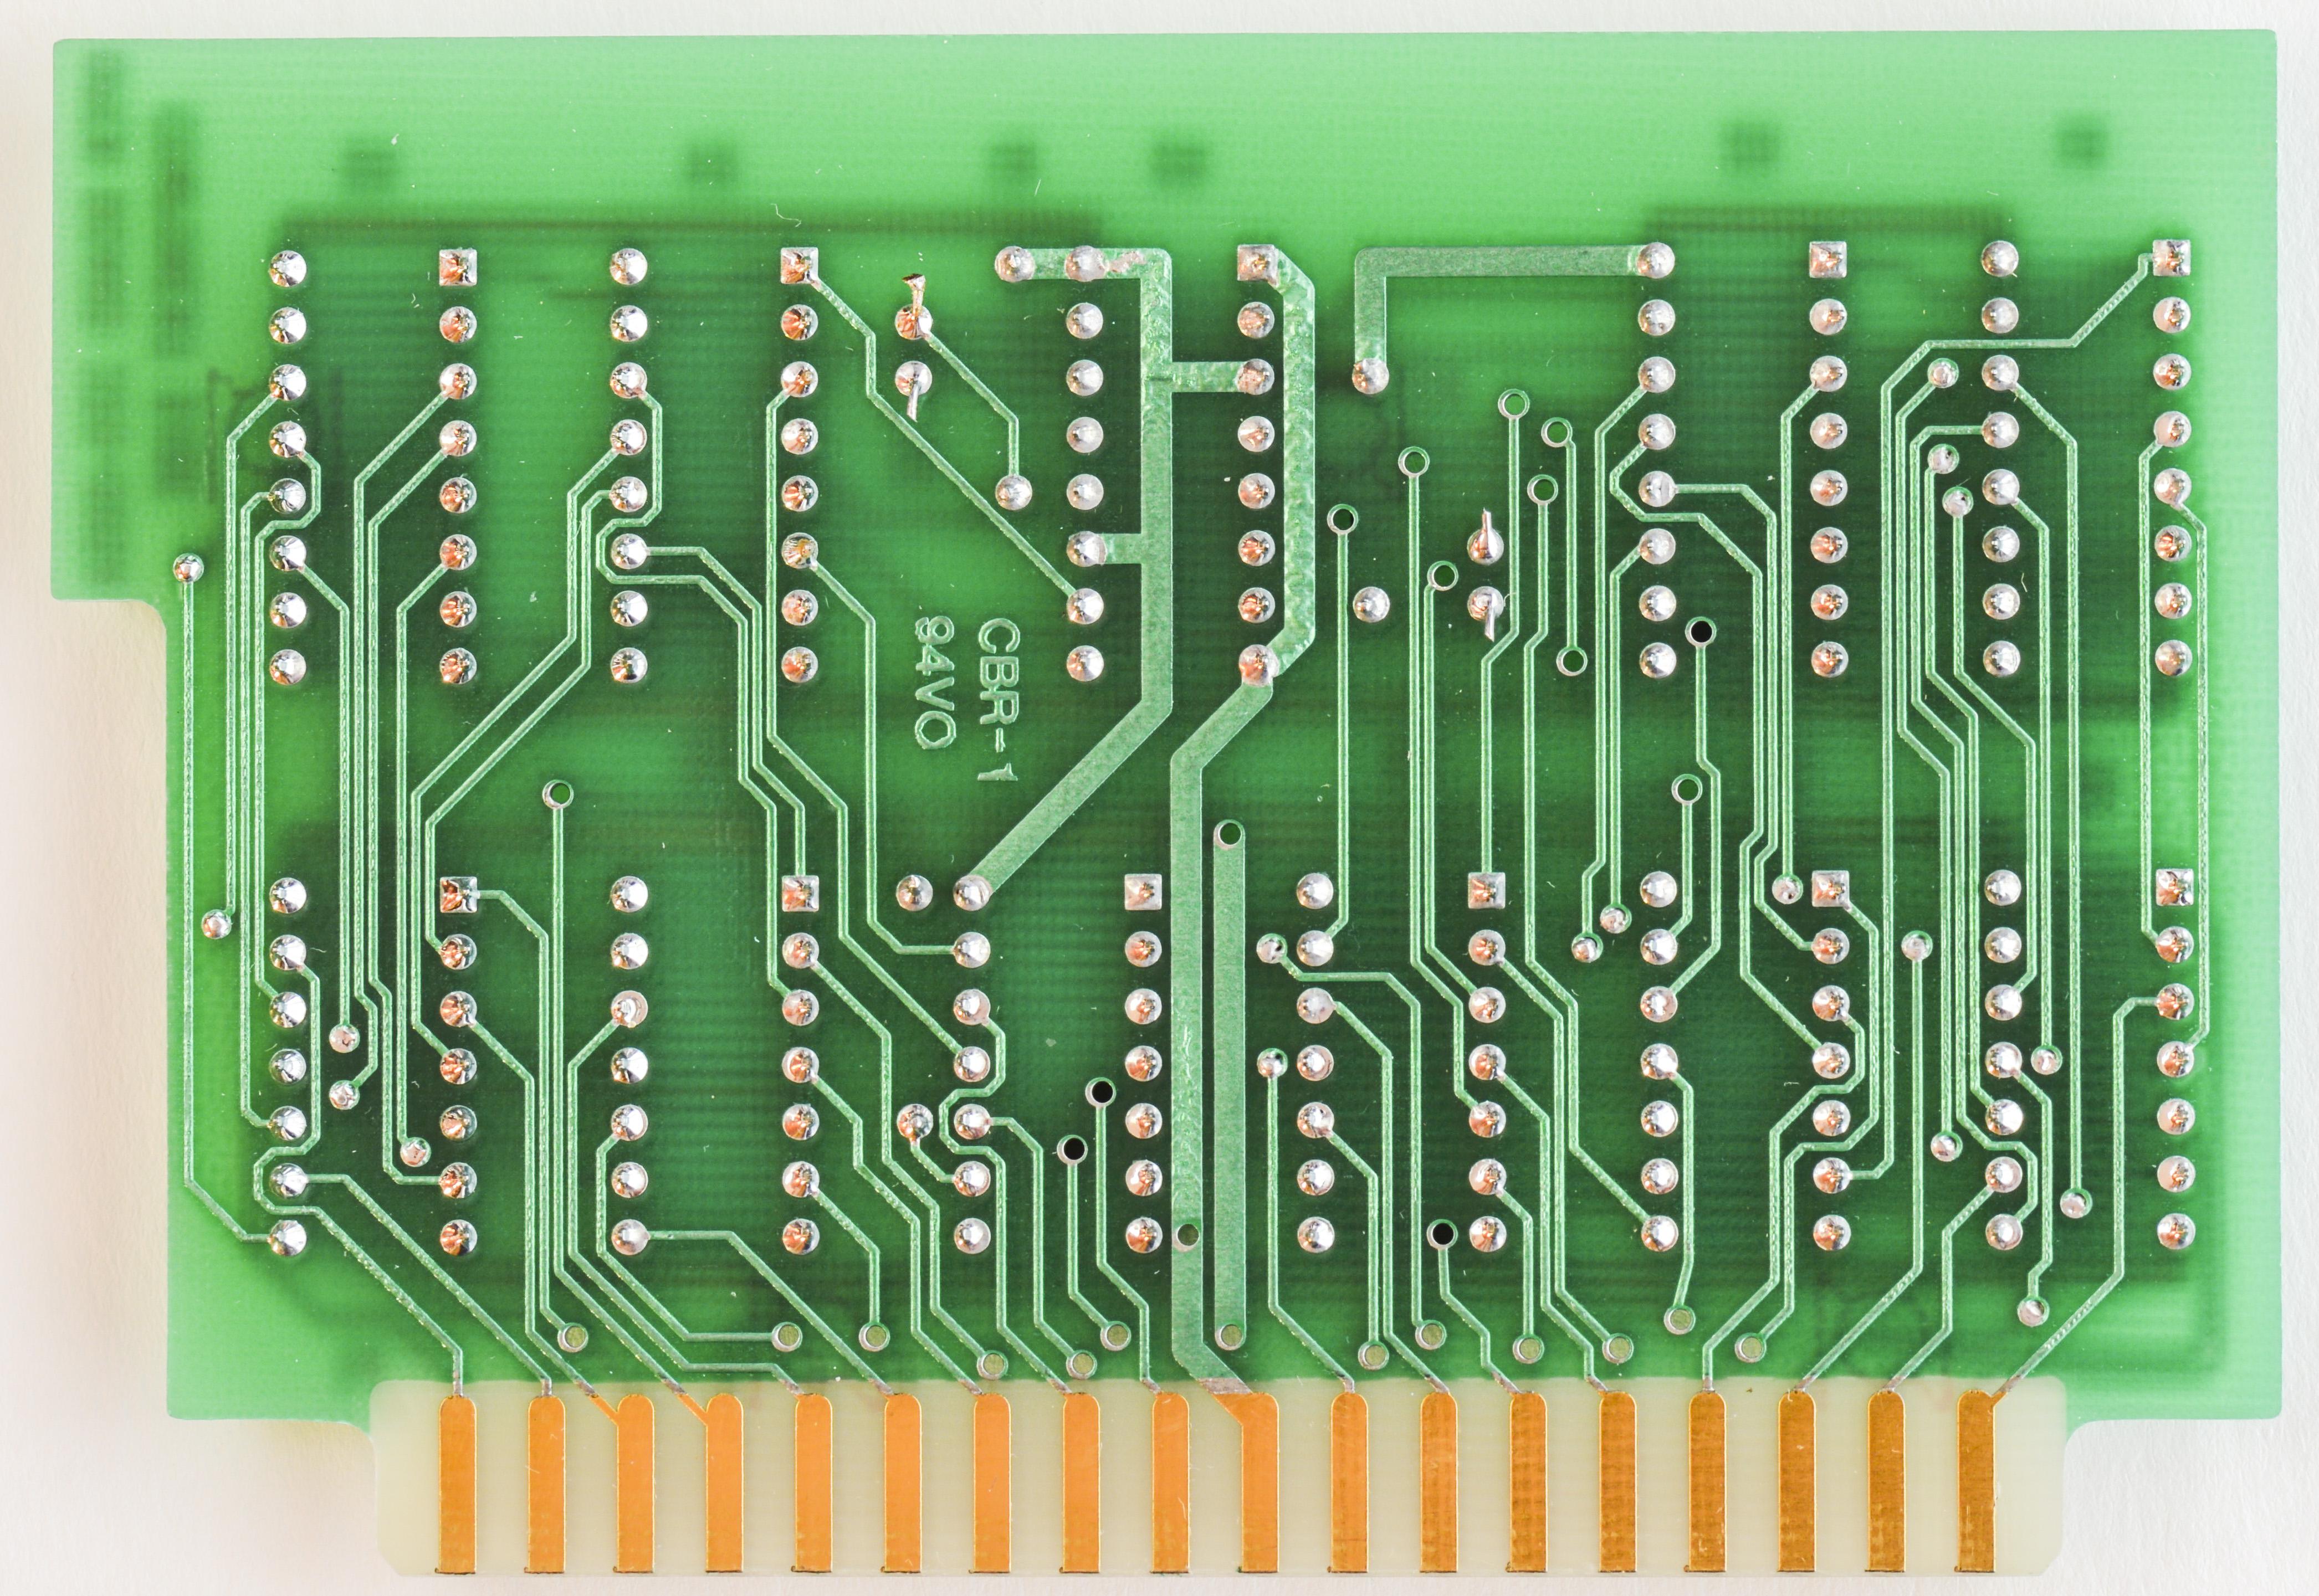 xDevs com | Data Proof DP160 low thermal EMF scanner teardown